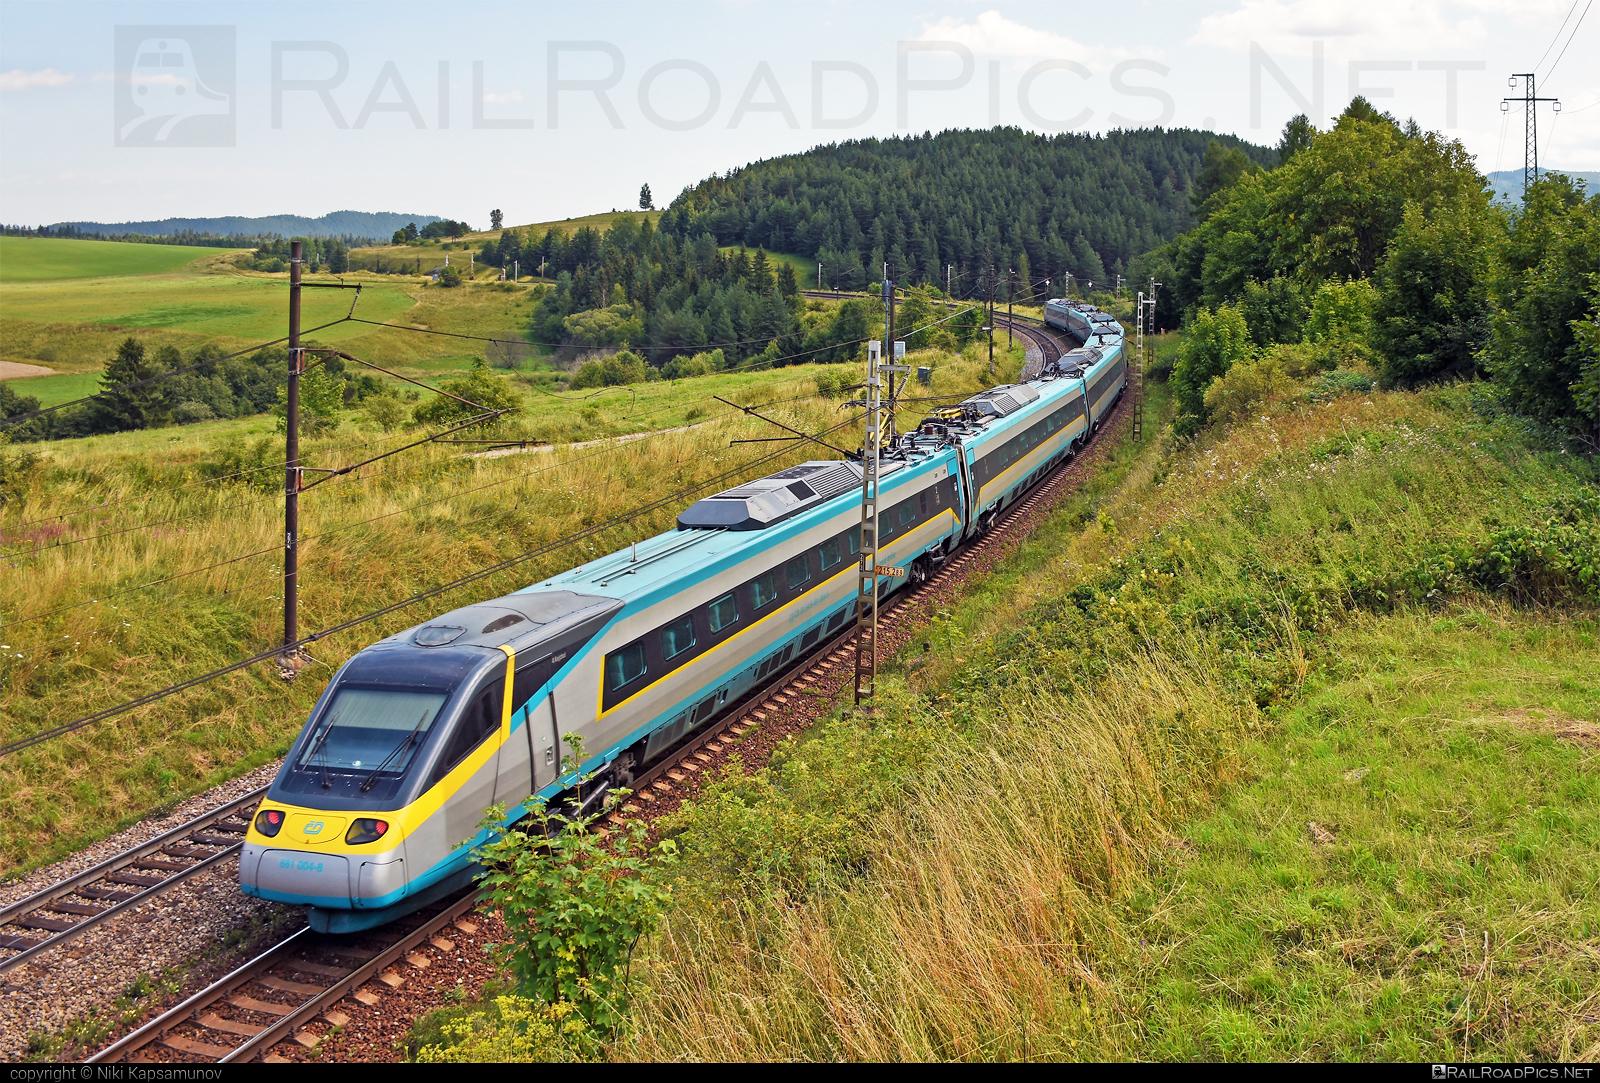 Alstom ČD Class 680 Pendolino - 681 004-8 operated by České dráhy, a.s. #CDclass680 #alstom #cd #ceskedrahy #pendolino